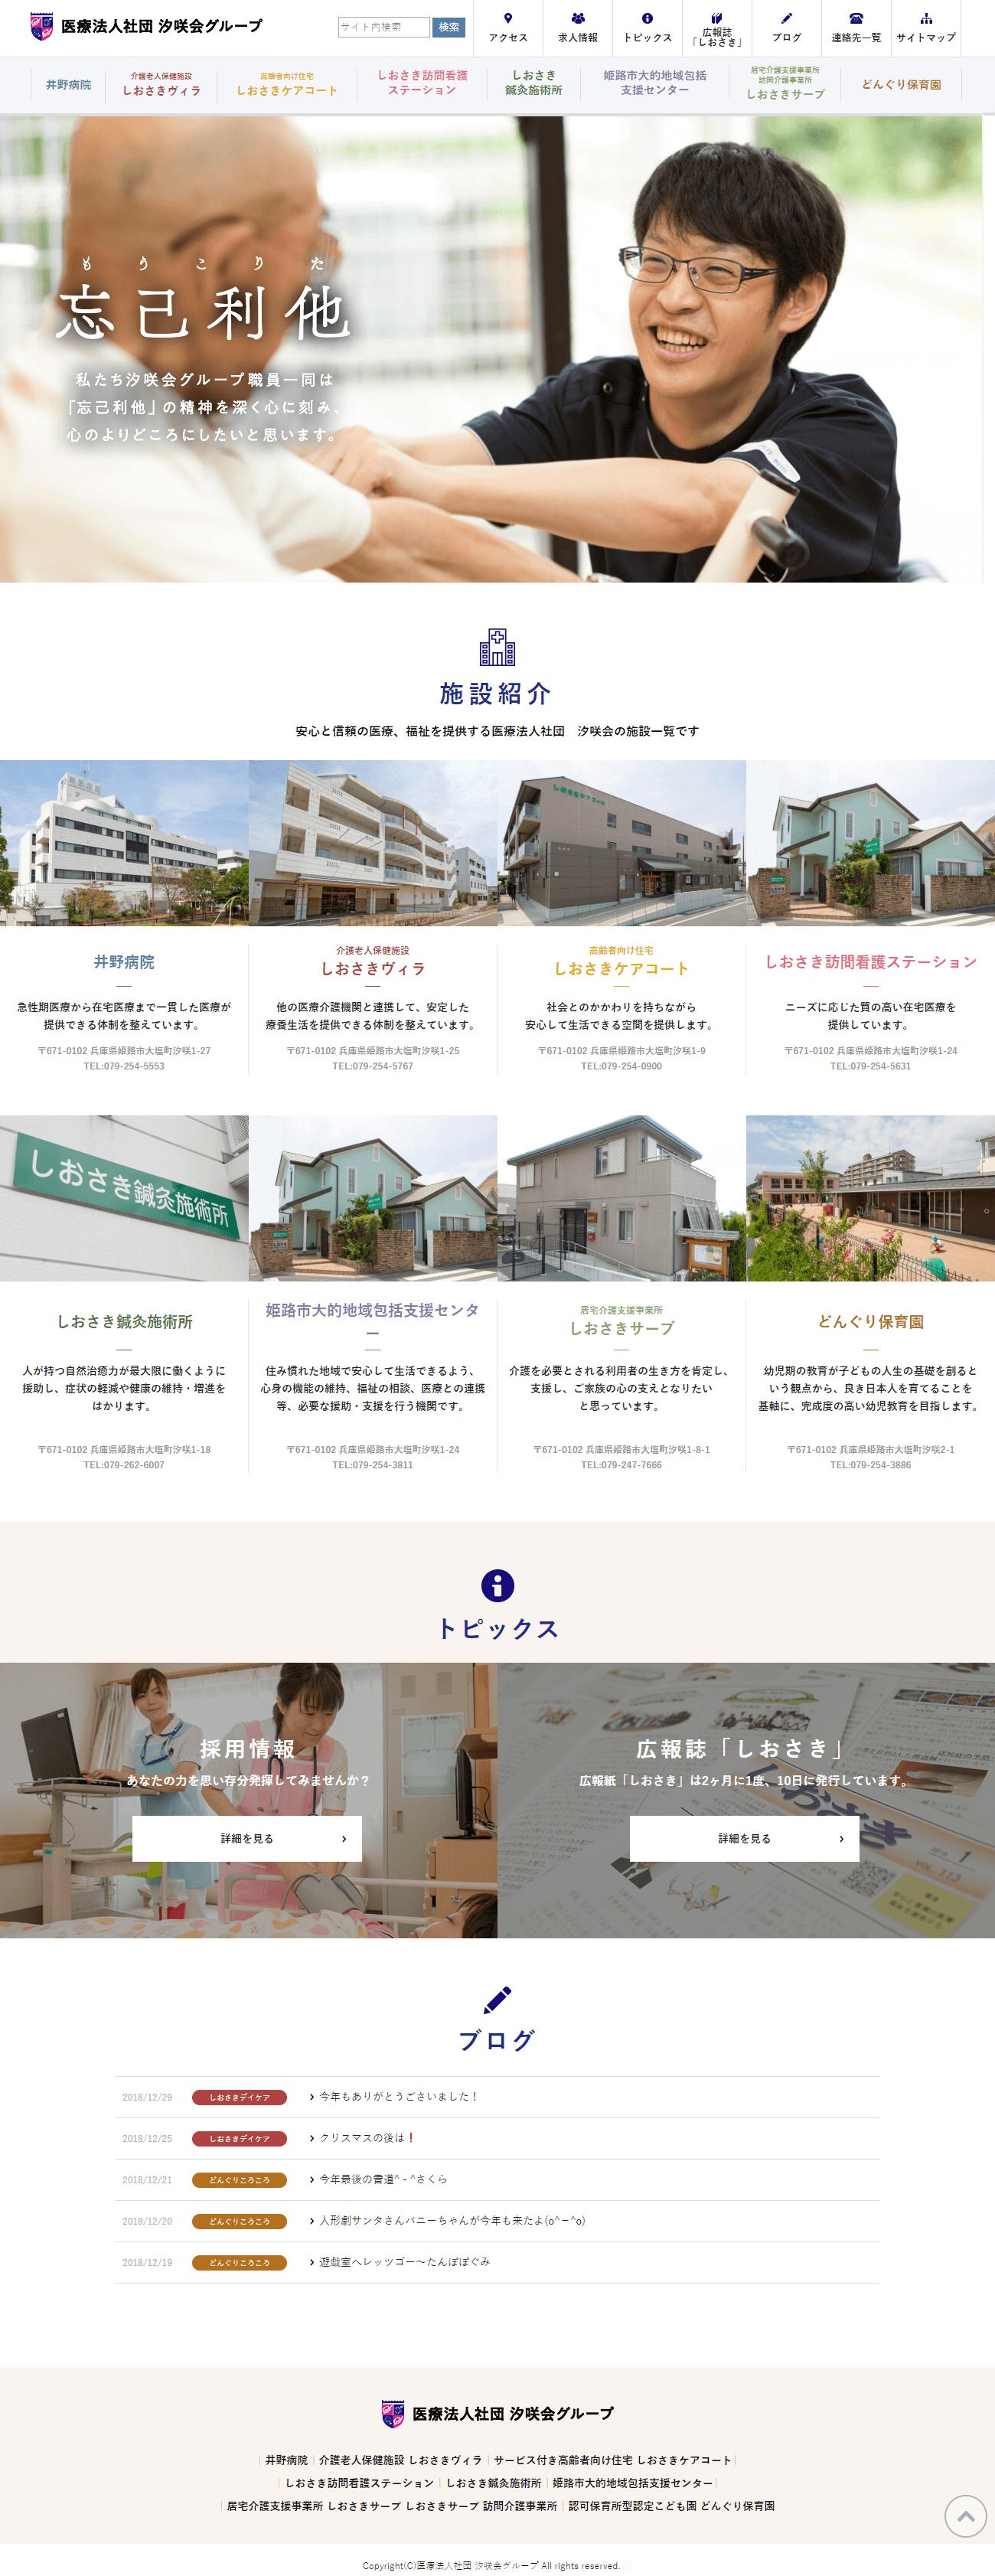 姫路市 汐咲会グループ 井野病院 ホームページ制作1